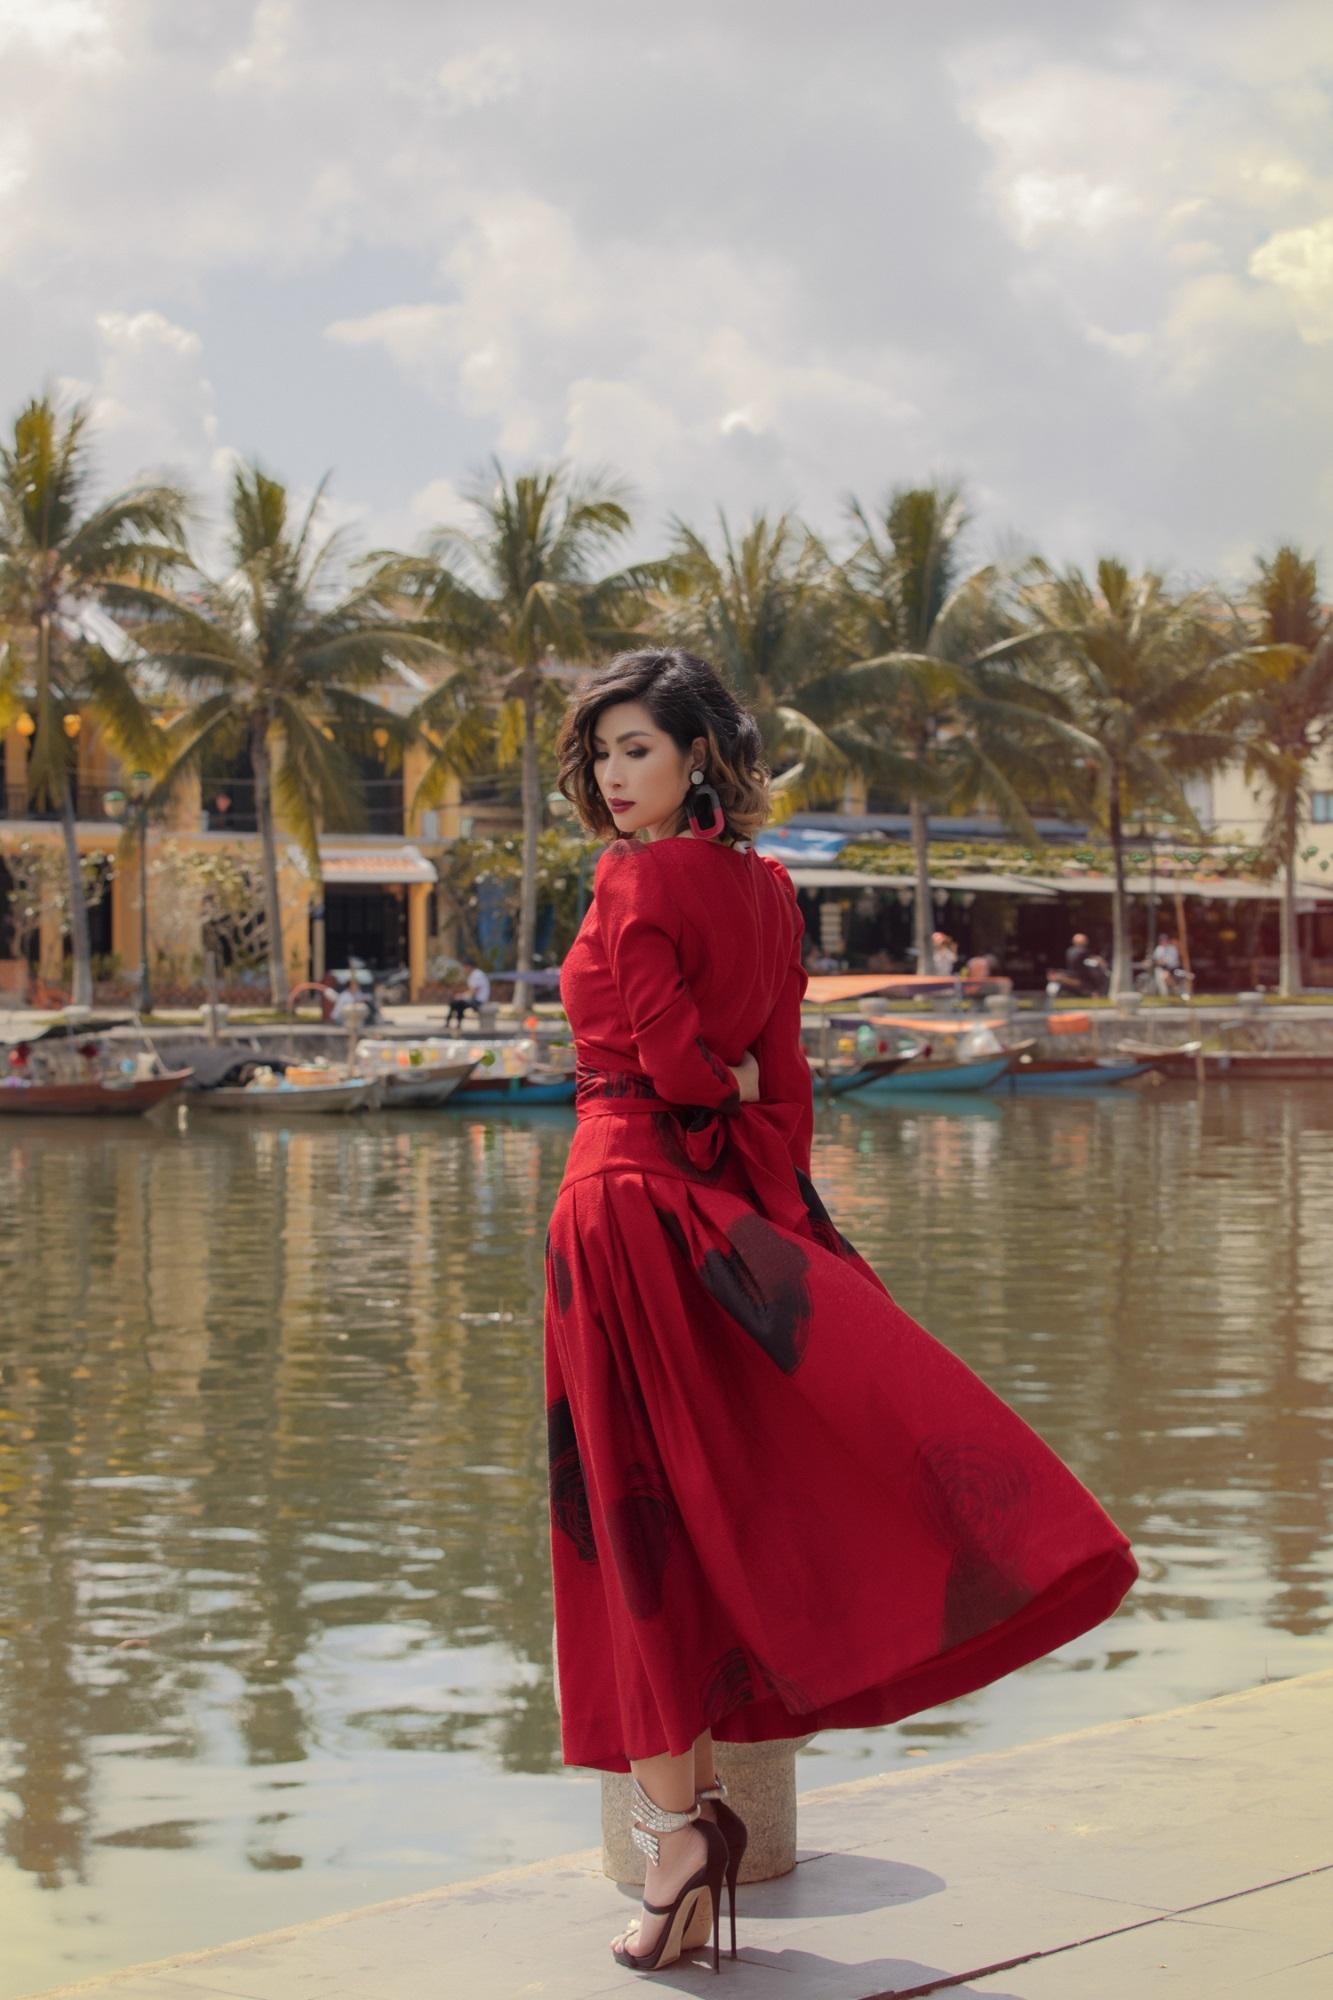 Hồng Nhung 'Sao Mai điểm hẹn': 'Tôi nuôi con không cần chồng cũ chu cấp' - Ảnh 8